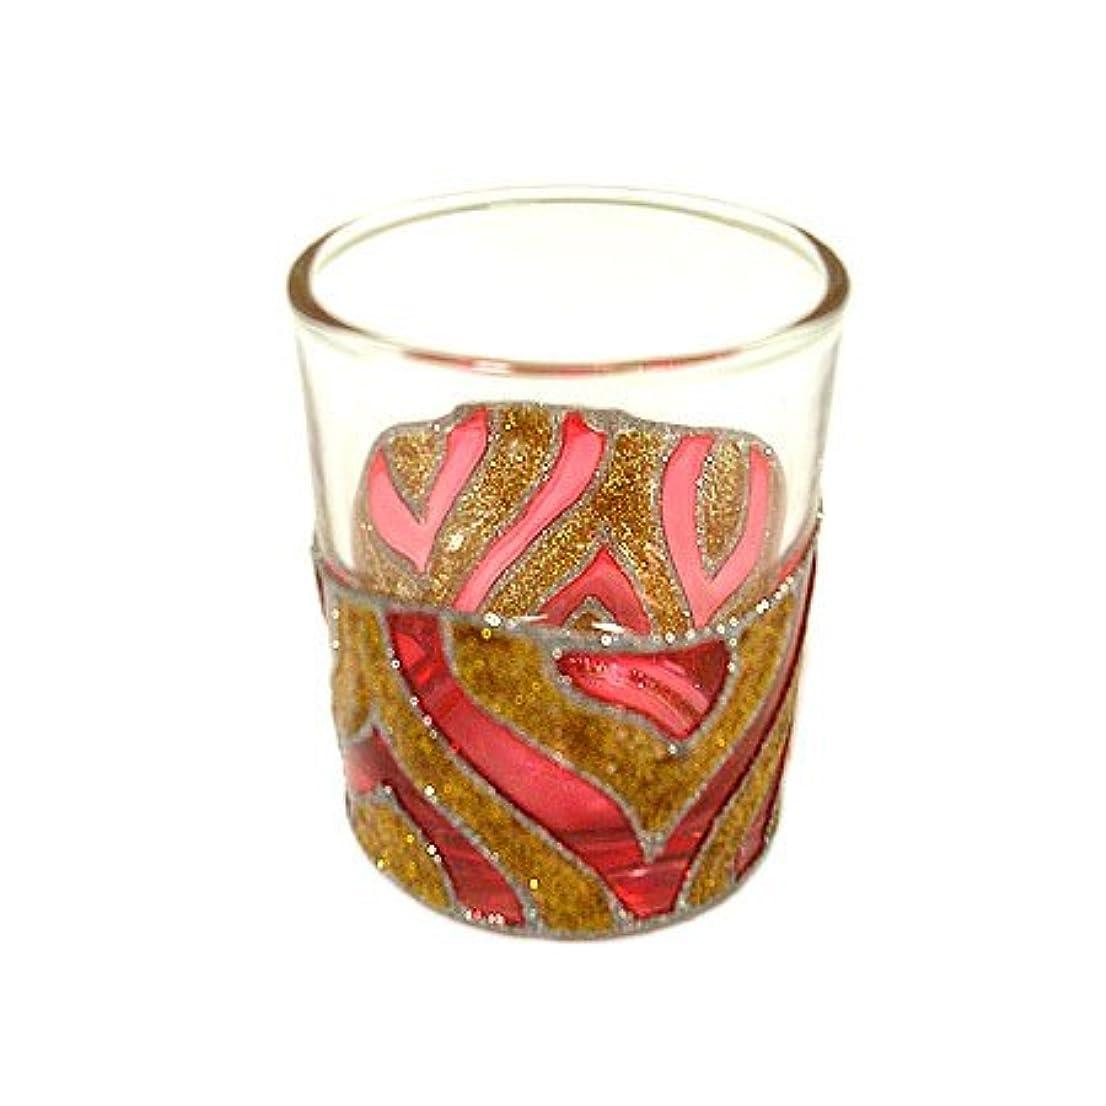 ミトン冒険埋めるアジアン キャンドルホルダー カップ グラス 花柄 ゴールドレッド アジアン雑貨